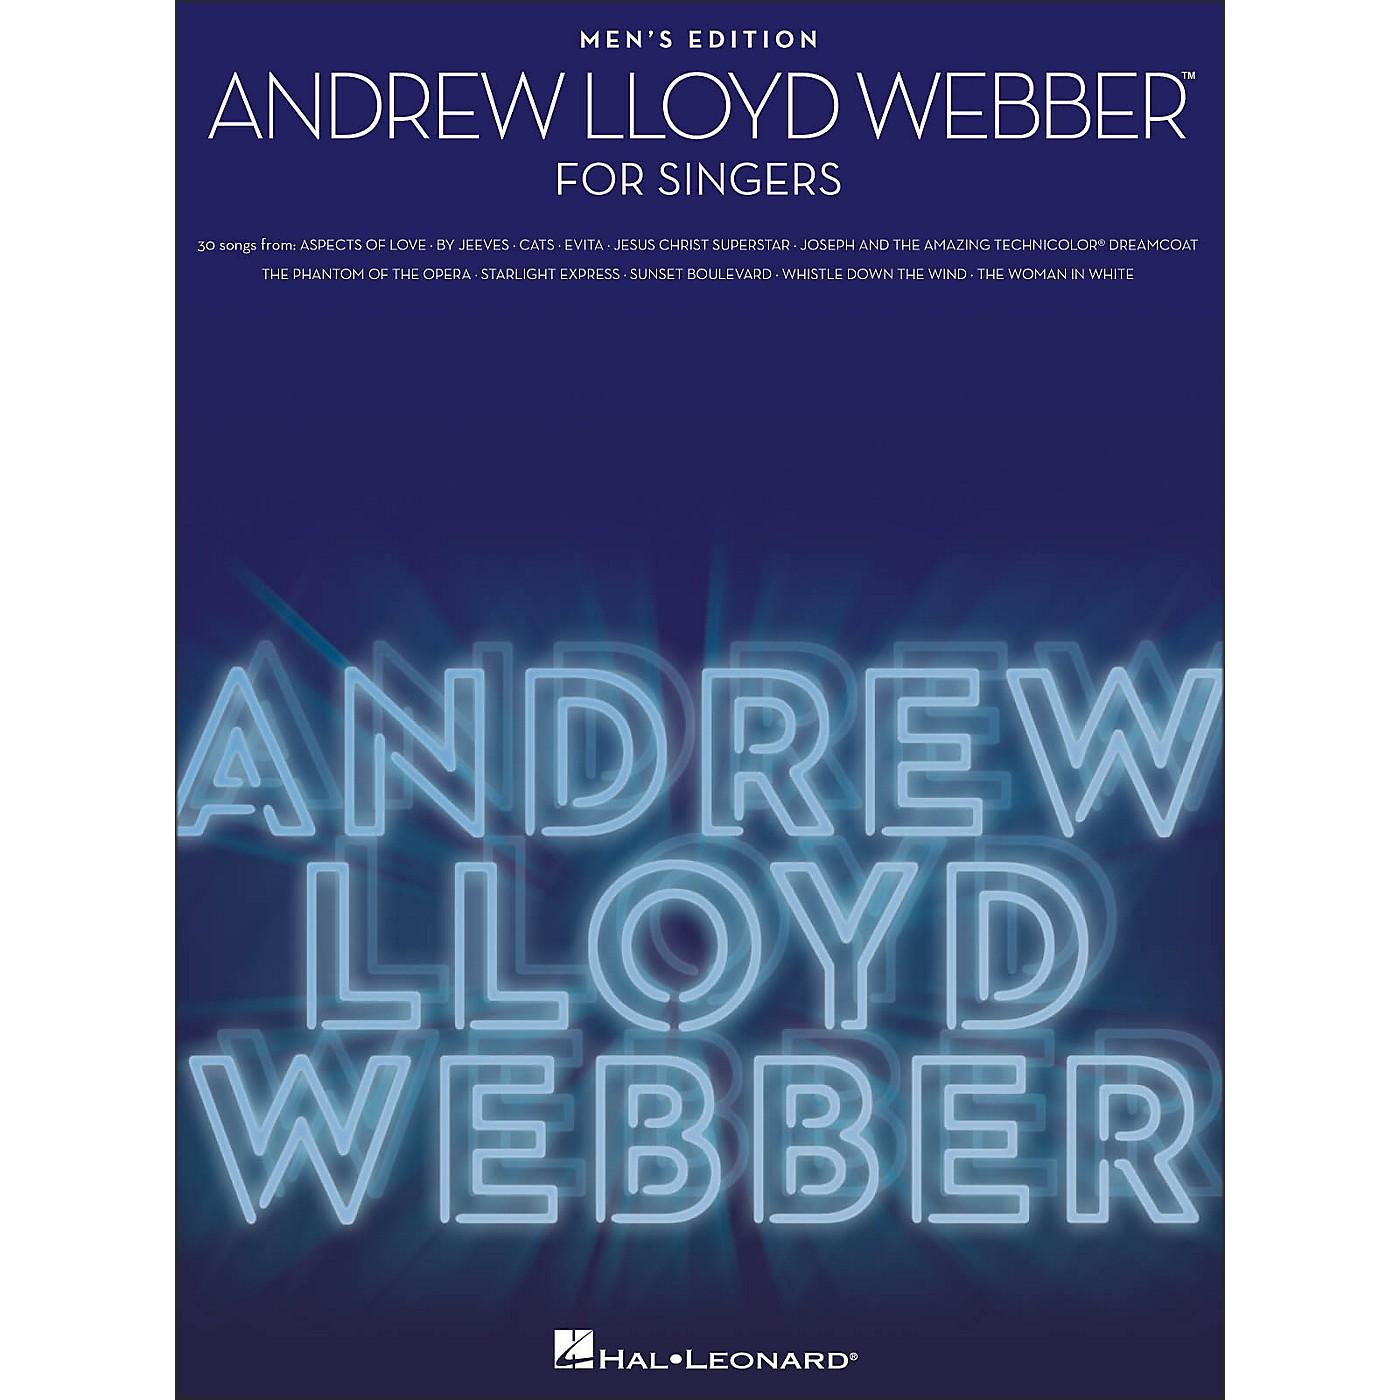 Hal Leonard Andrew Lloyd Webber for Singers - Men's Edition thumbnail